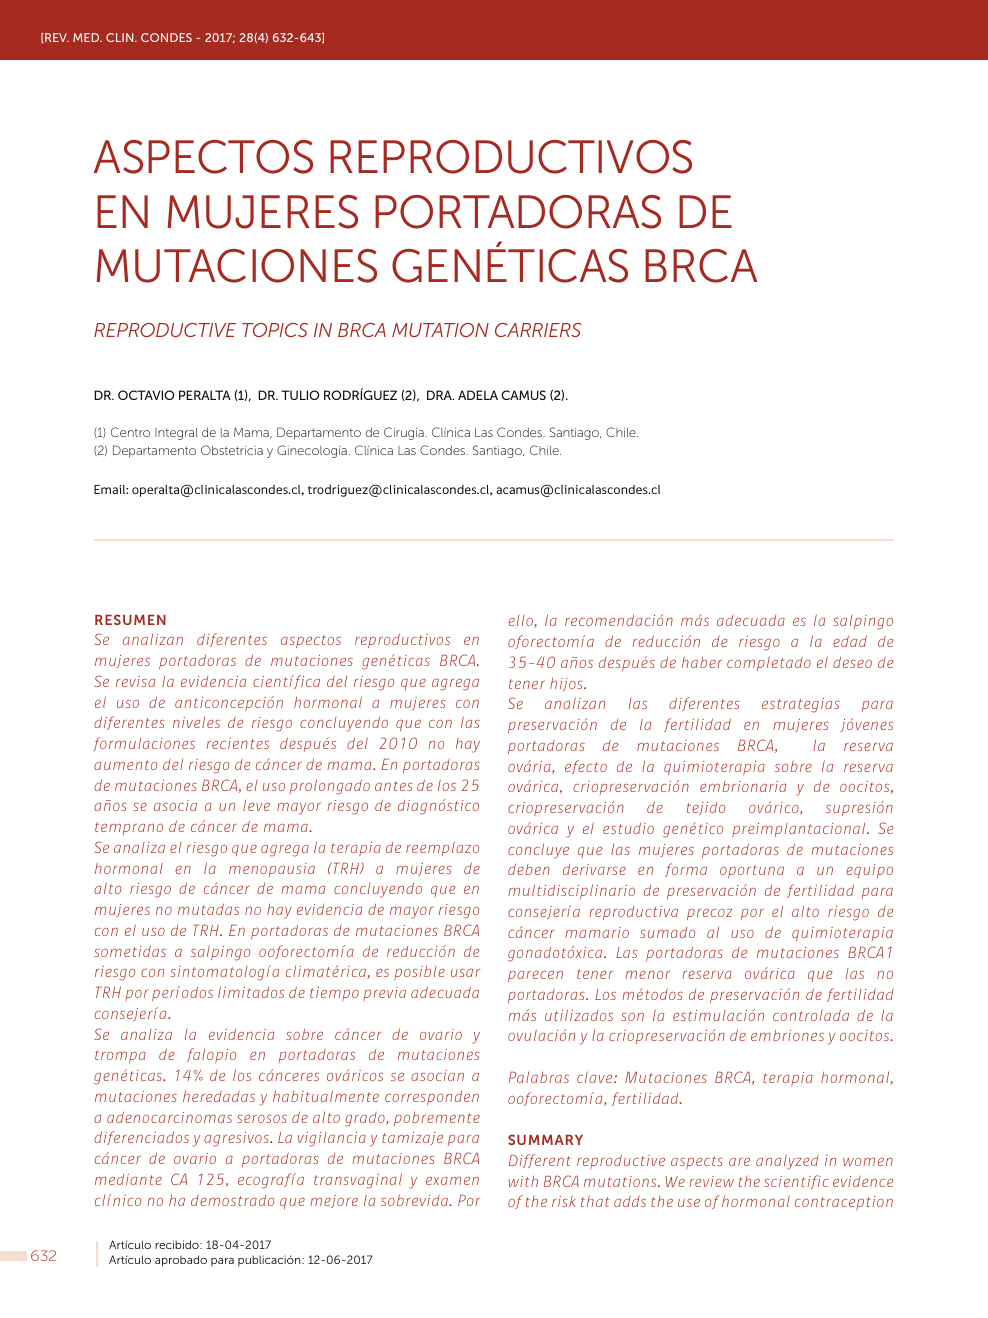 efectos suspensión próstata hormonal curman